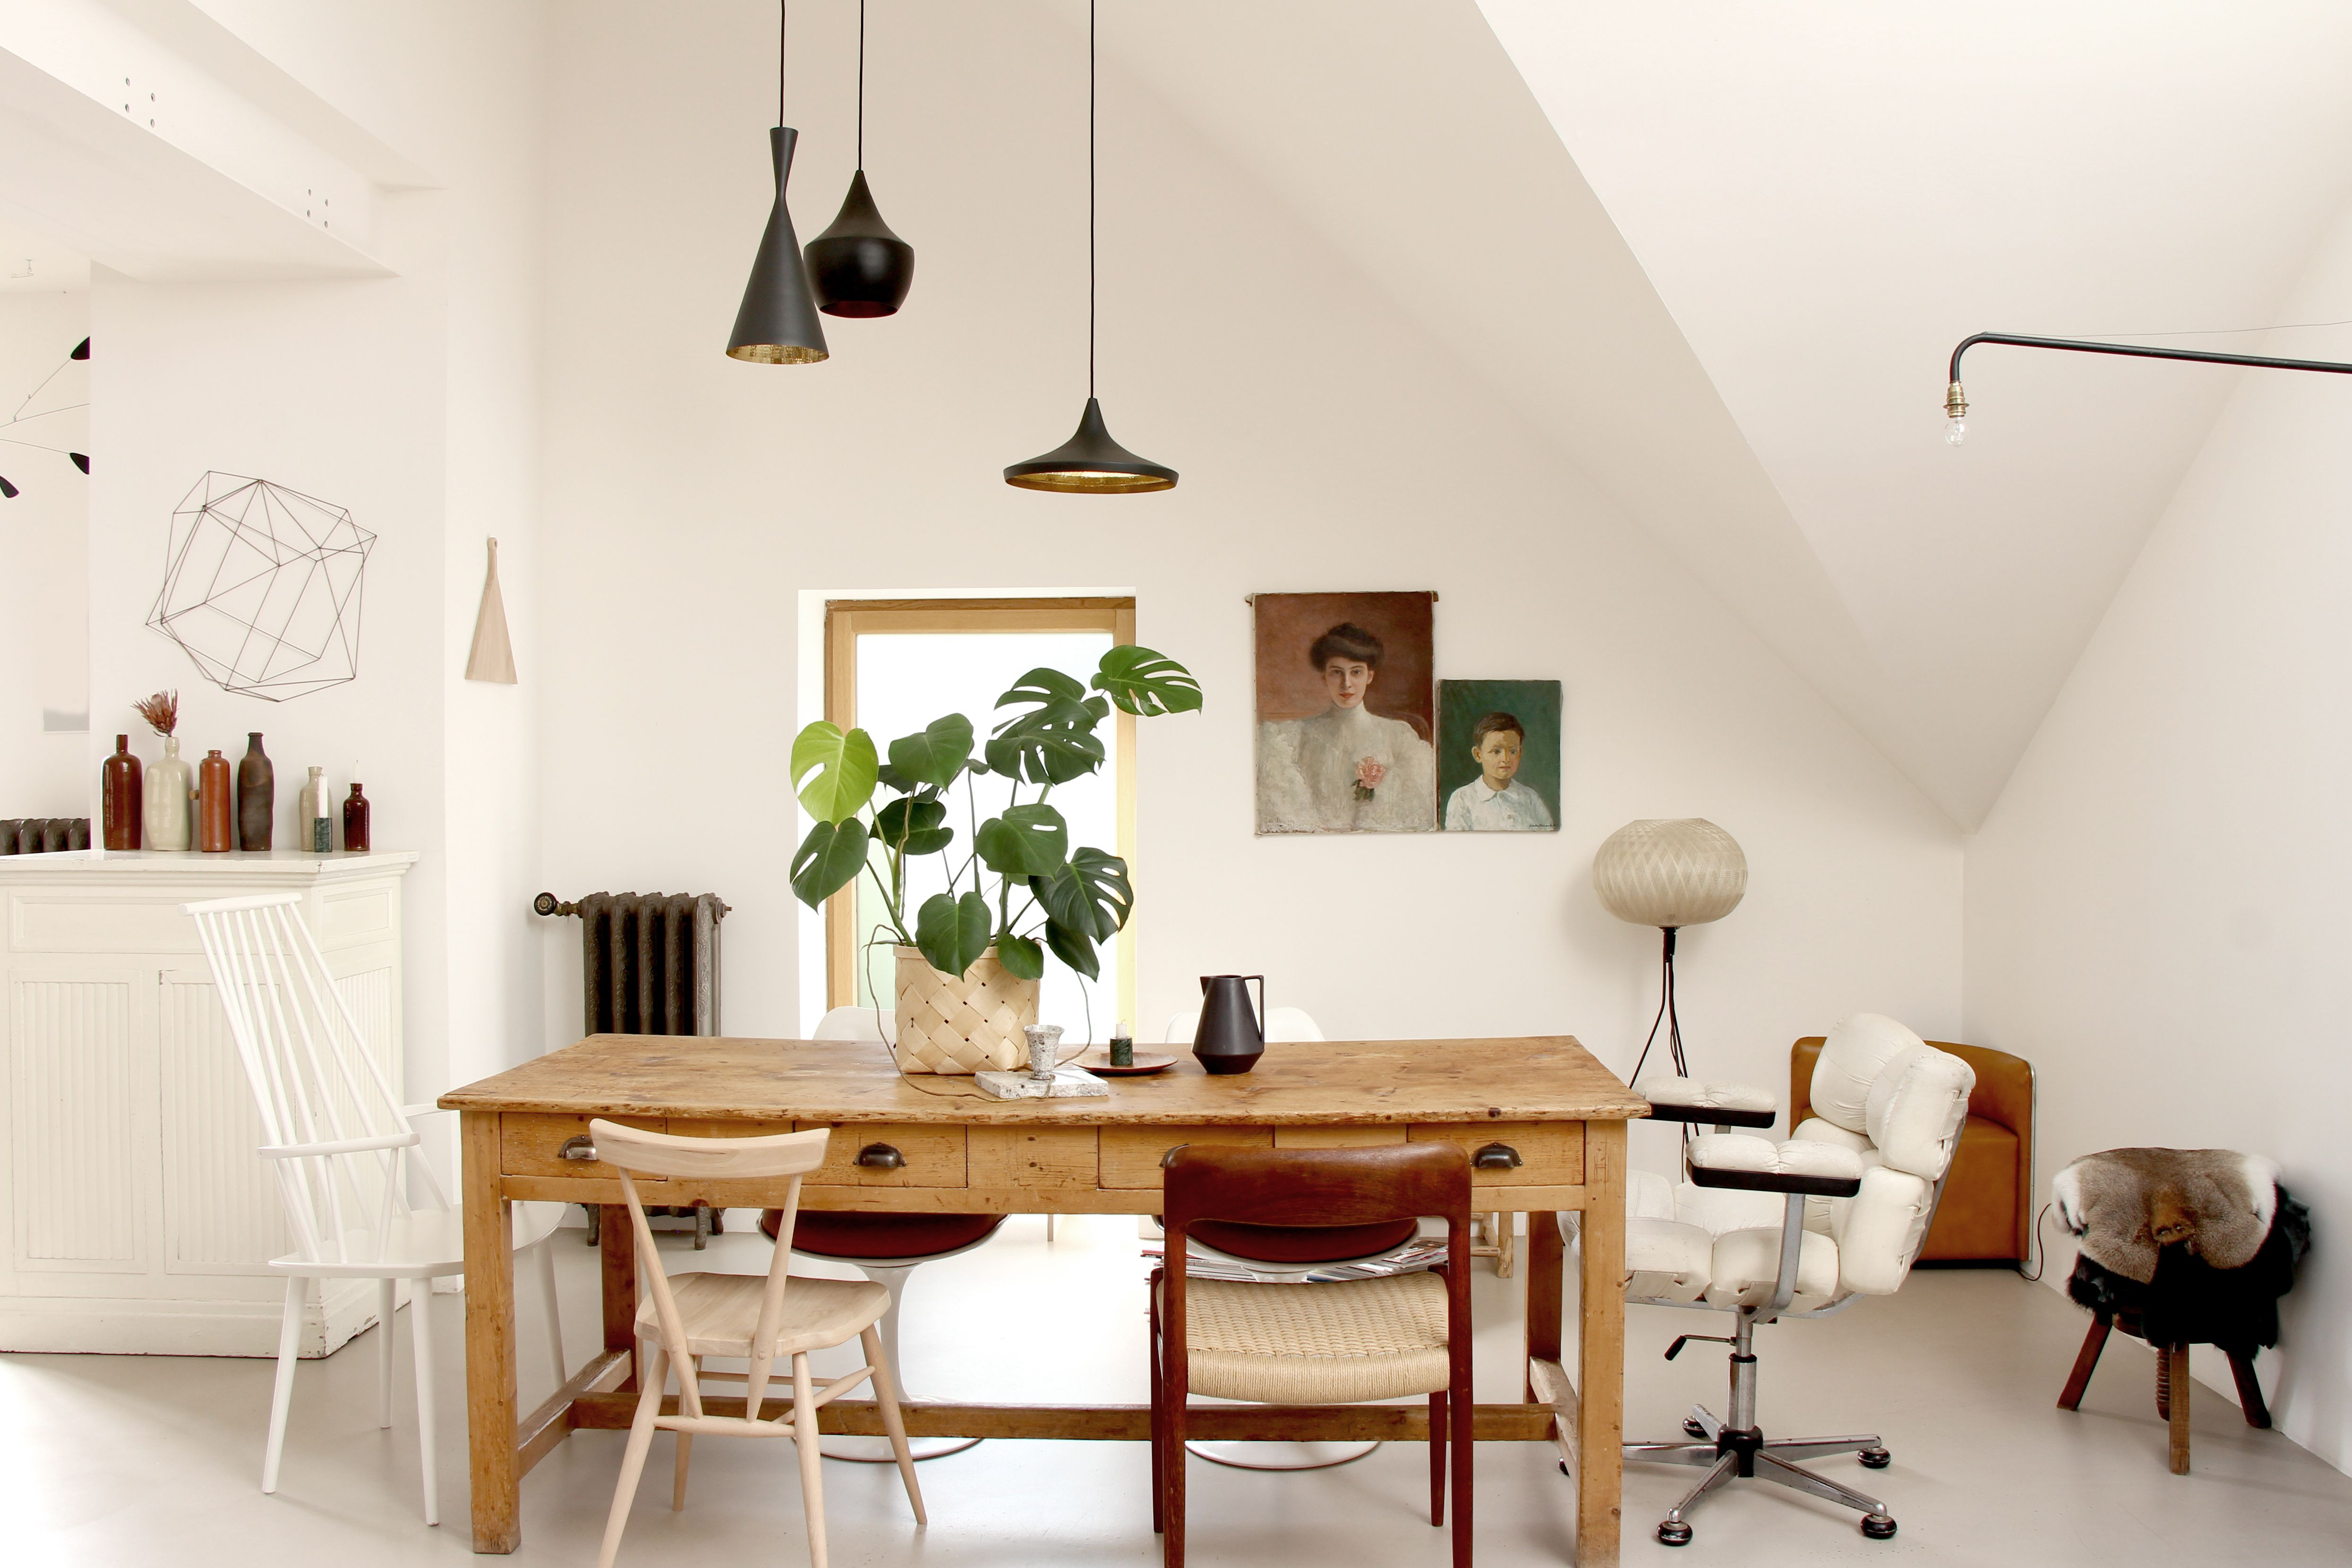 Dining Room Vintage Scandinave Style Kinfolk Nature Black Hanging